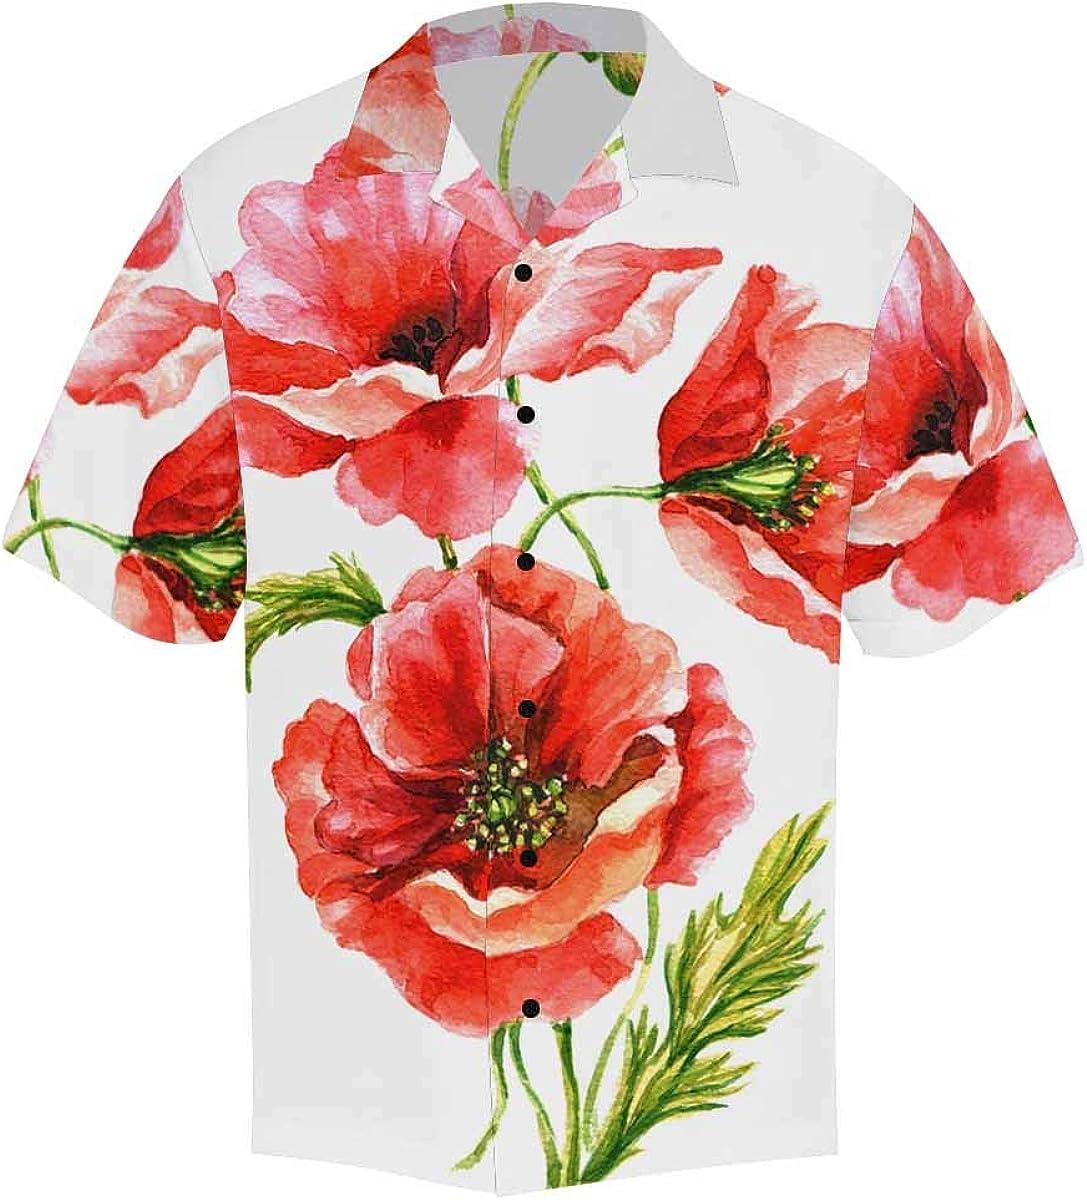 InterestPrint Men's Casual Button Down Short Sleeve Red White Flower Hawaiian Shirt (S-5XL)